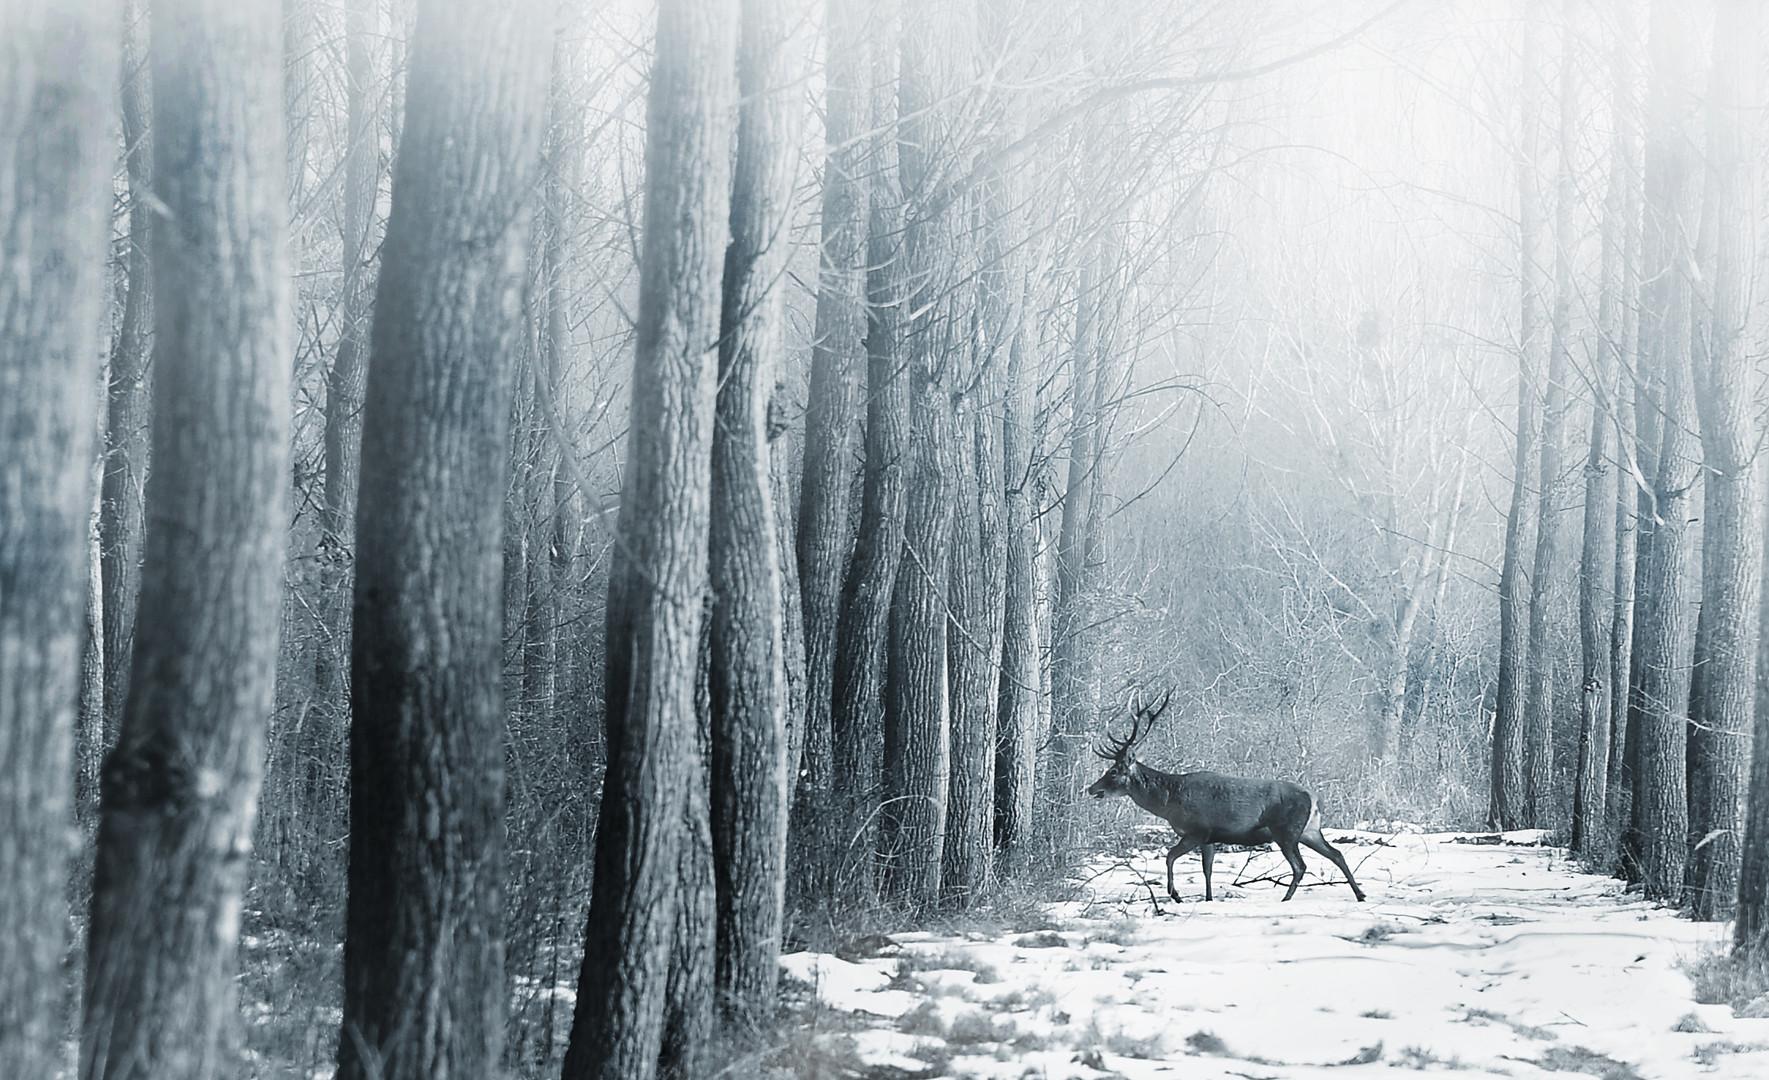 čudna šuma je to....